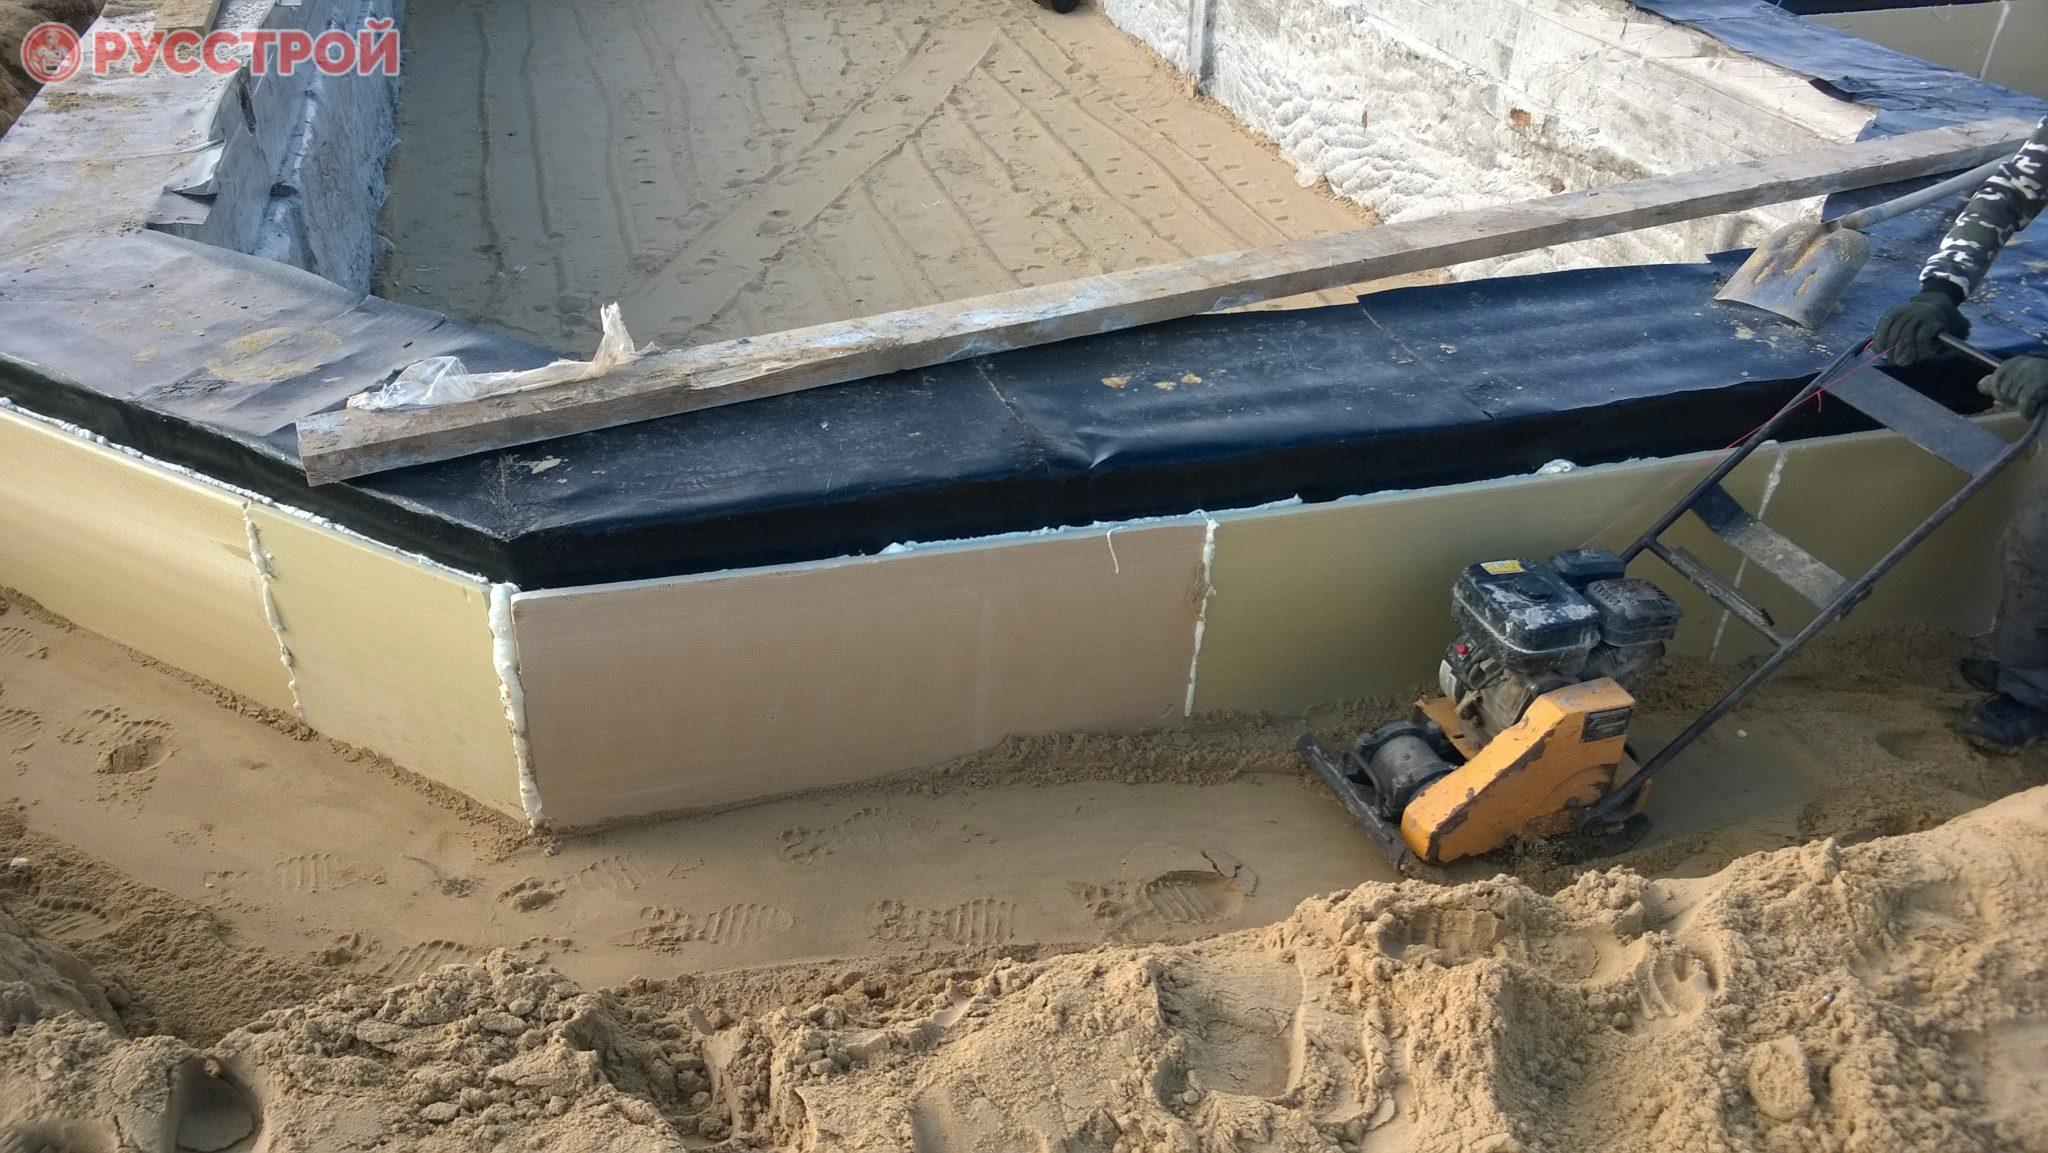 Гидроизоляция фундамента при строительстве дома. Строительная компания Русстрой г. Калуга